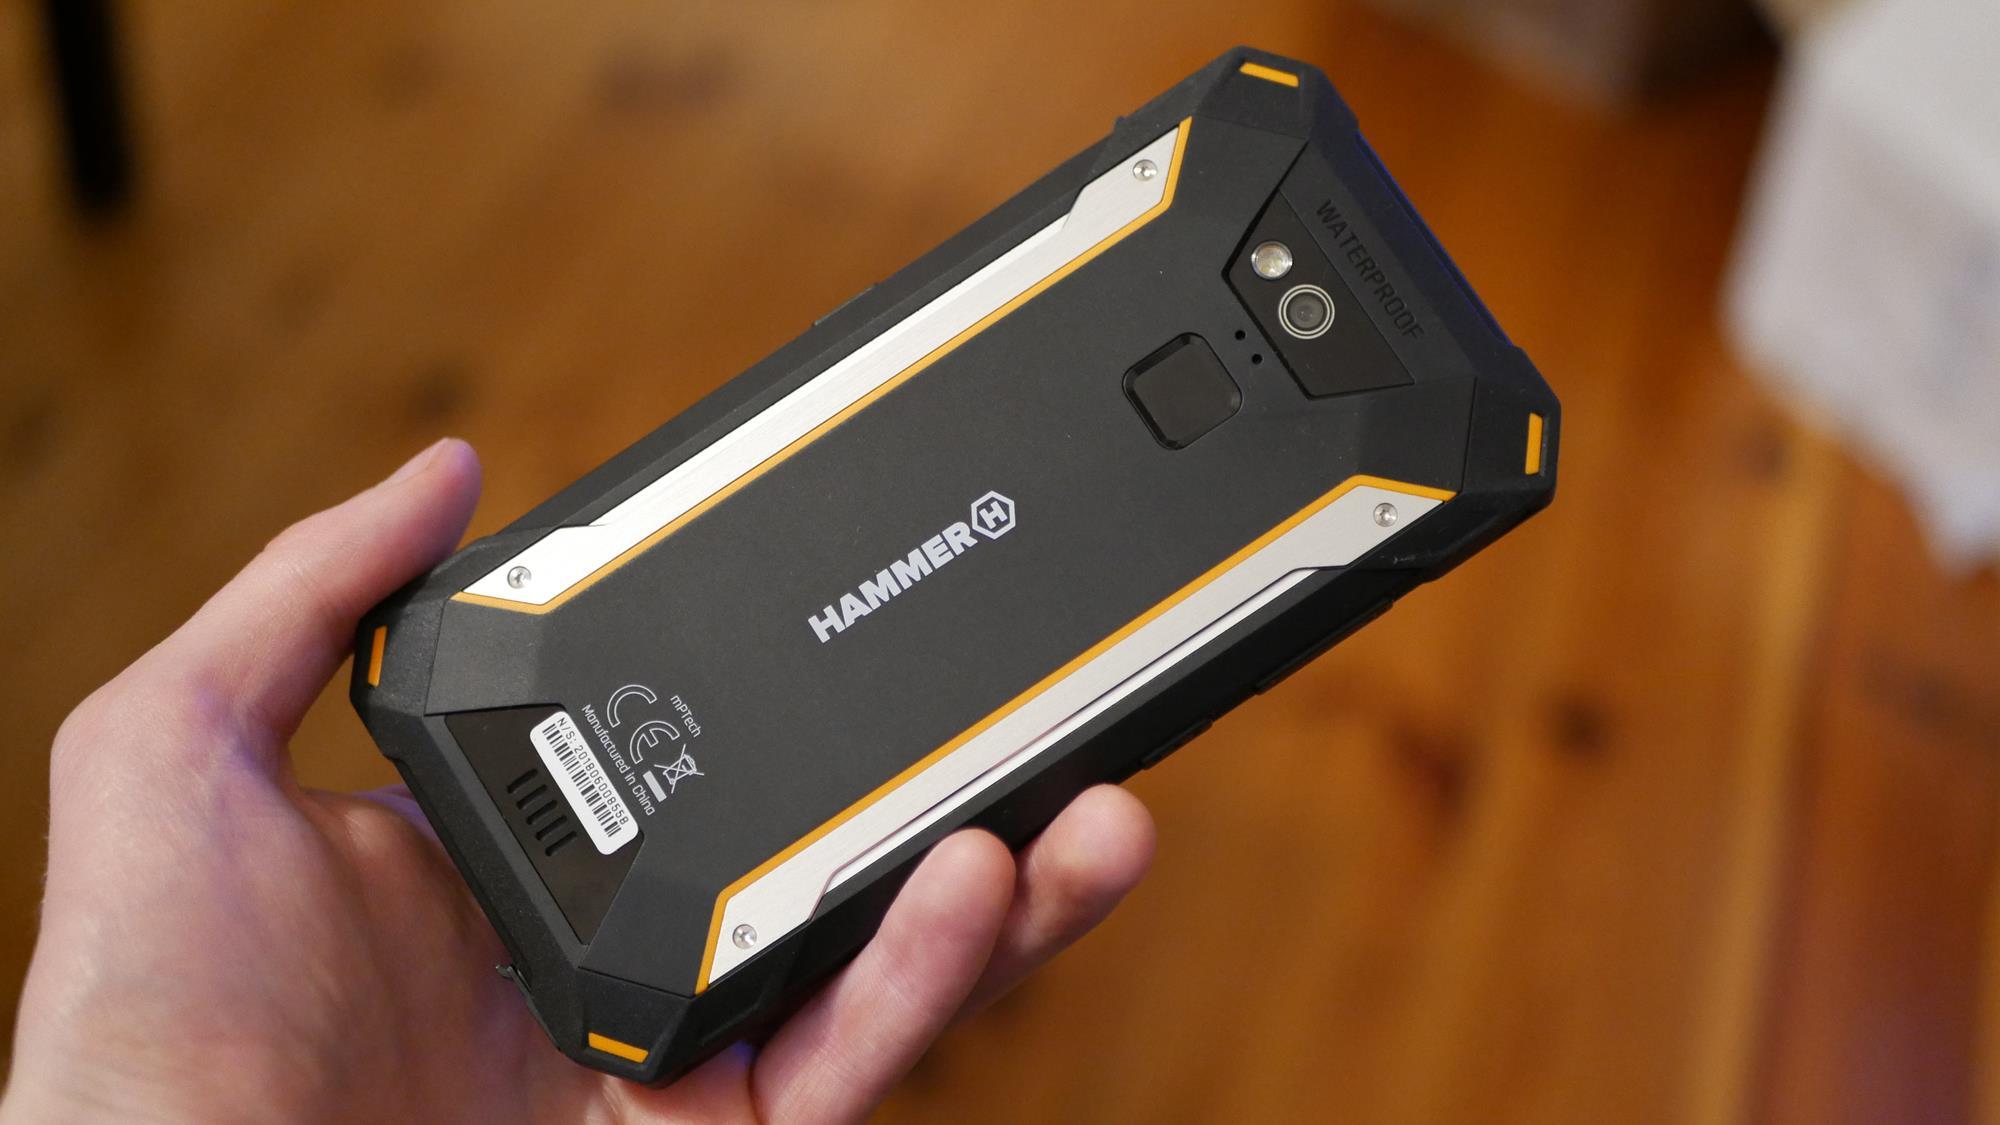 Recenzja Hammer Energy 18x9 - wytrzymałego smartfona idącego z duchem czasu 18